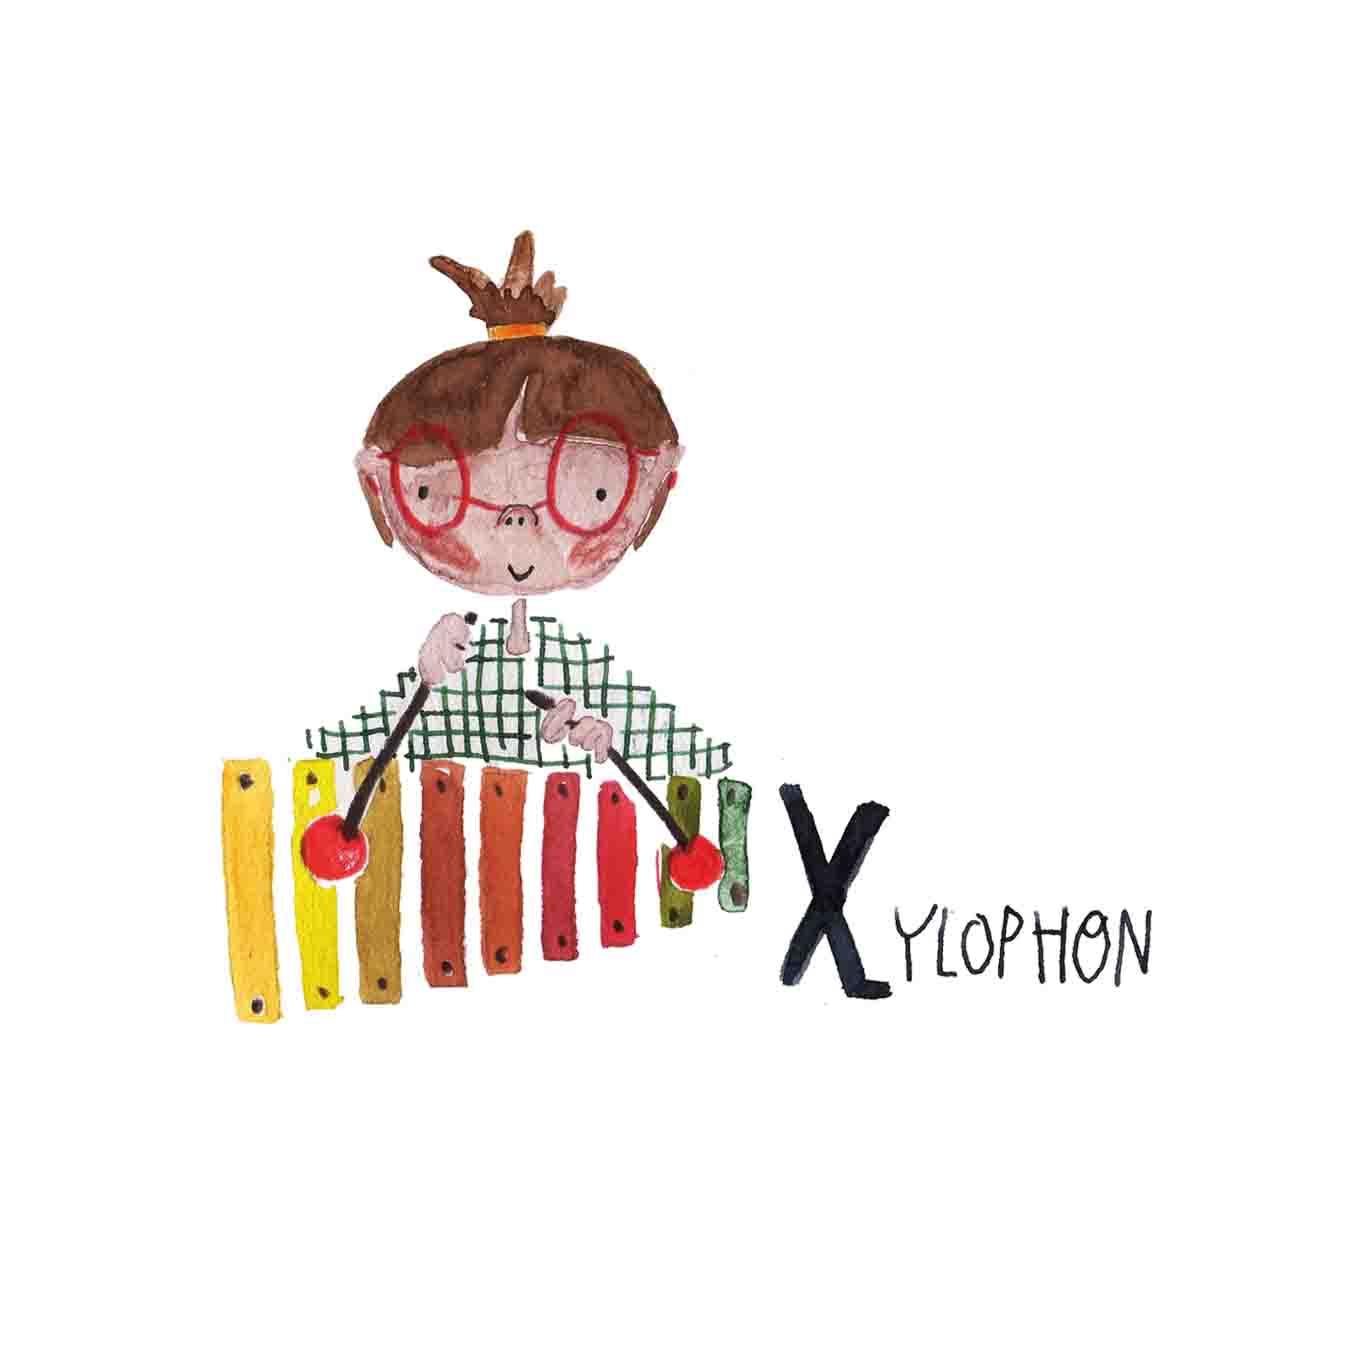 X Xylophon